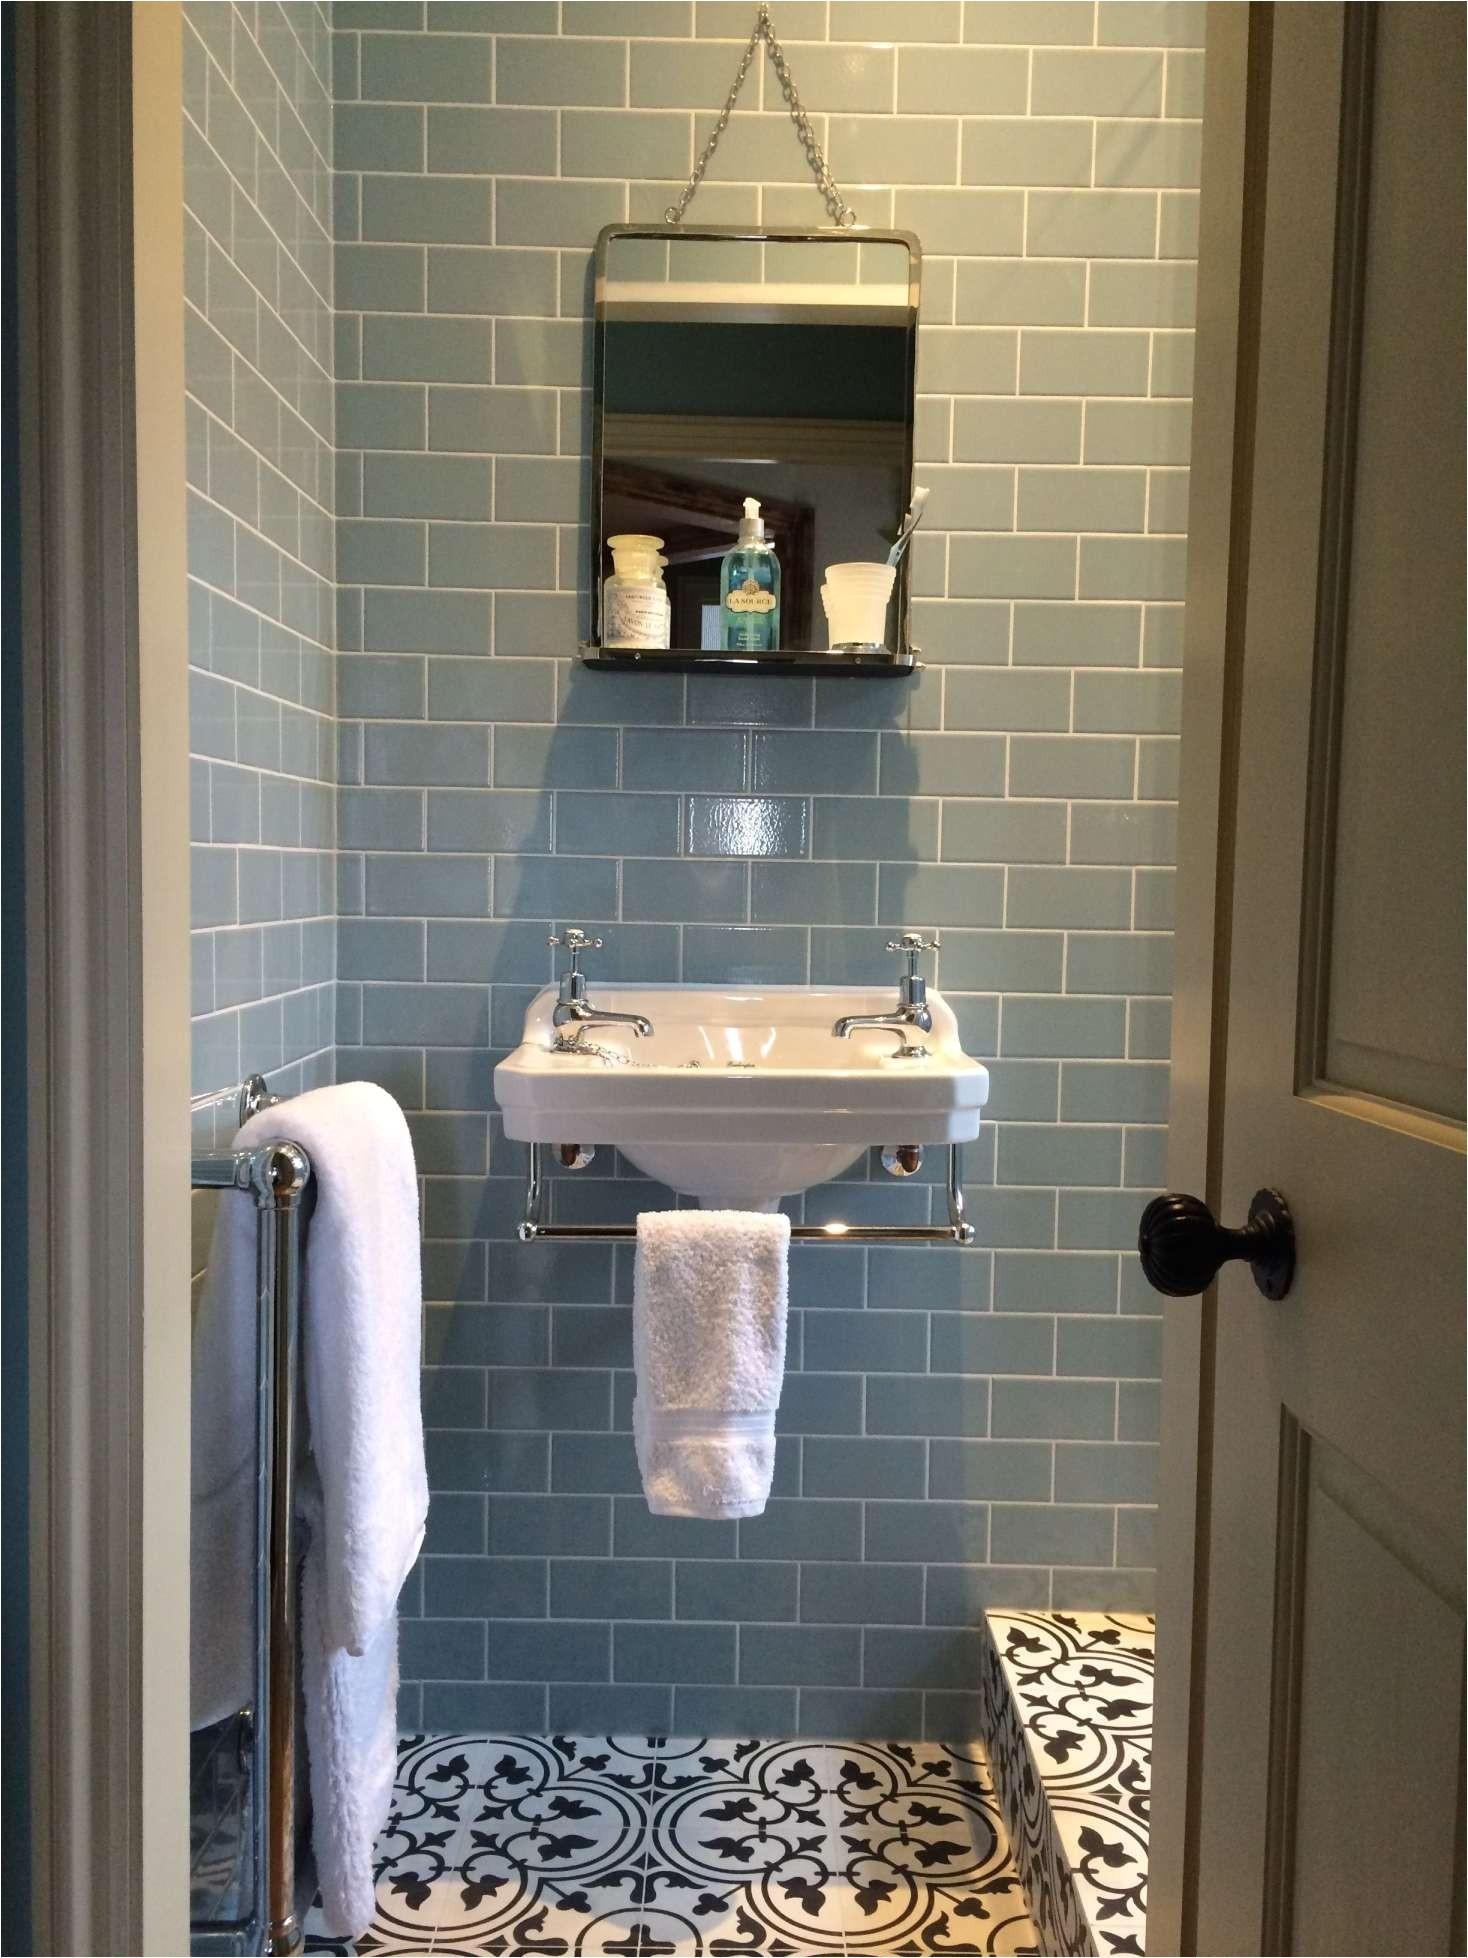 Design Ideas for Tiles In Bathroom Designer Bathroom Tile Best Bathroom Floor Tile Design Ideas New